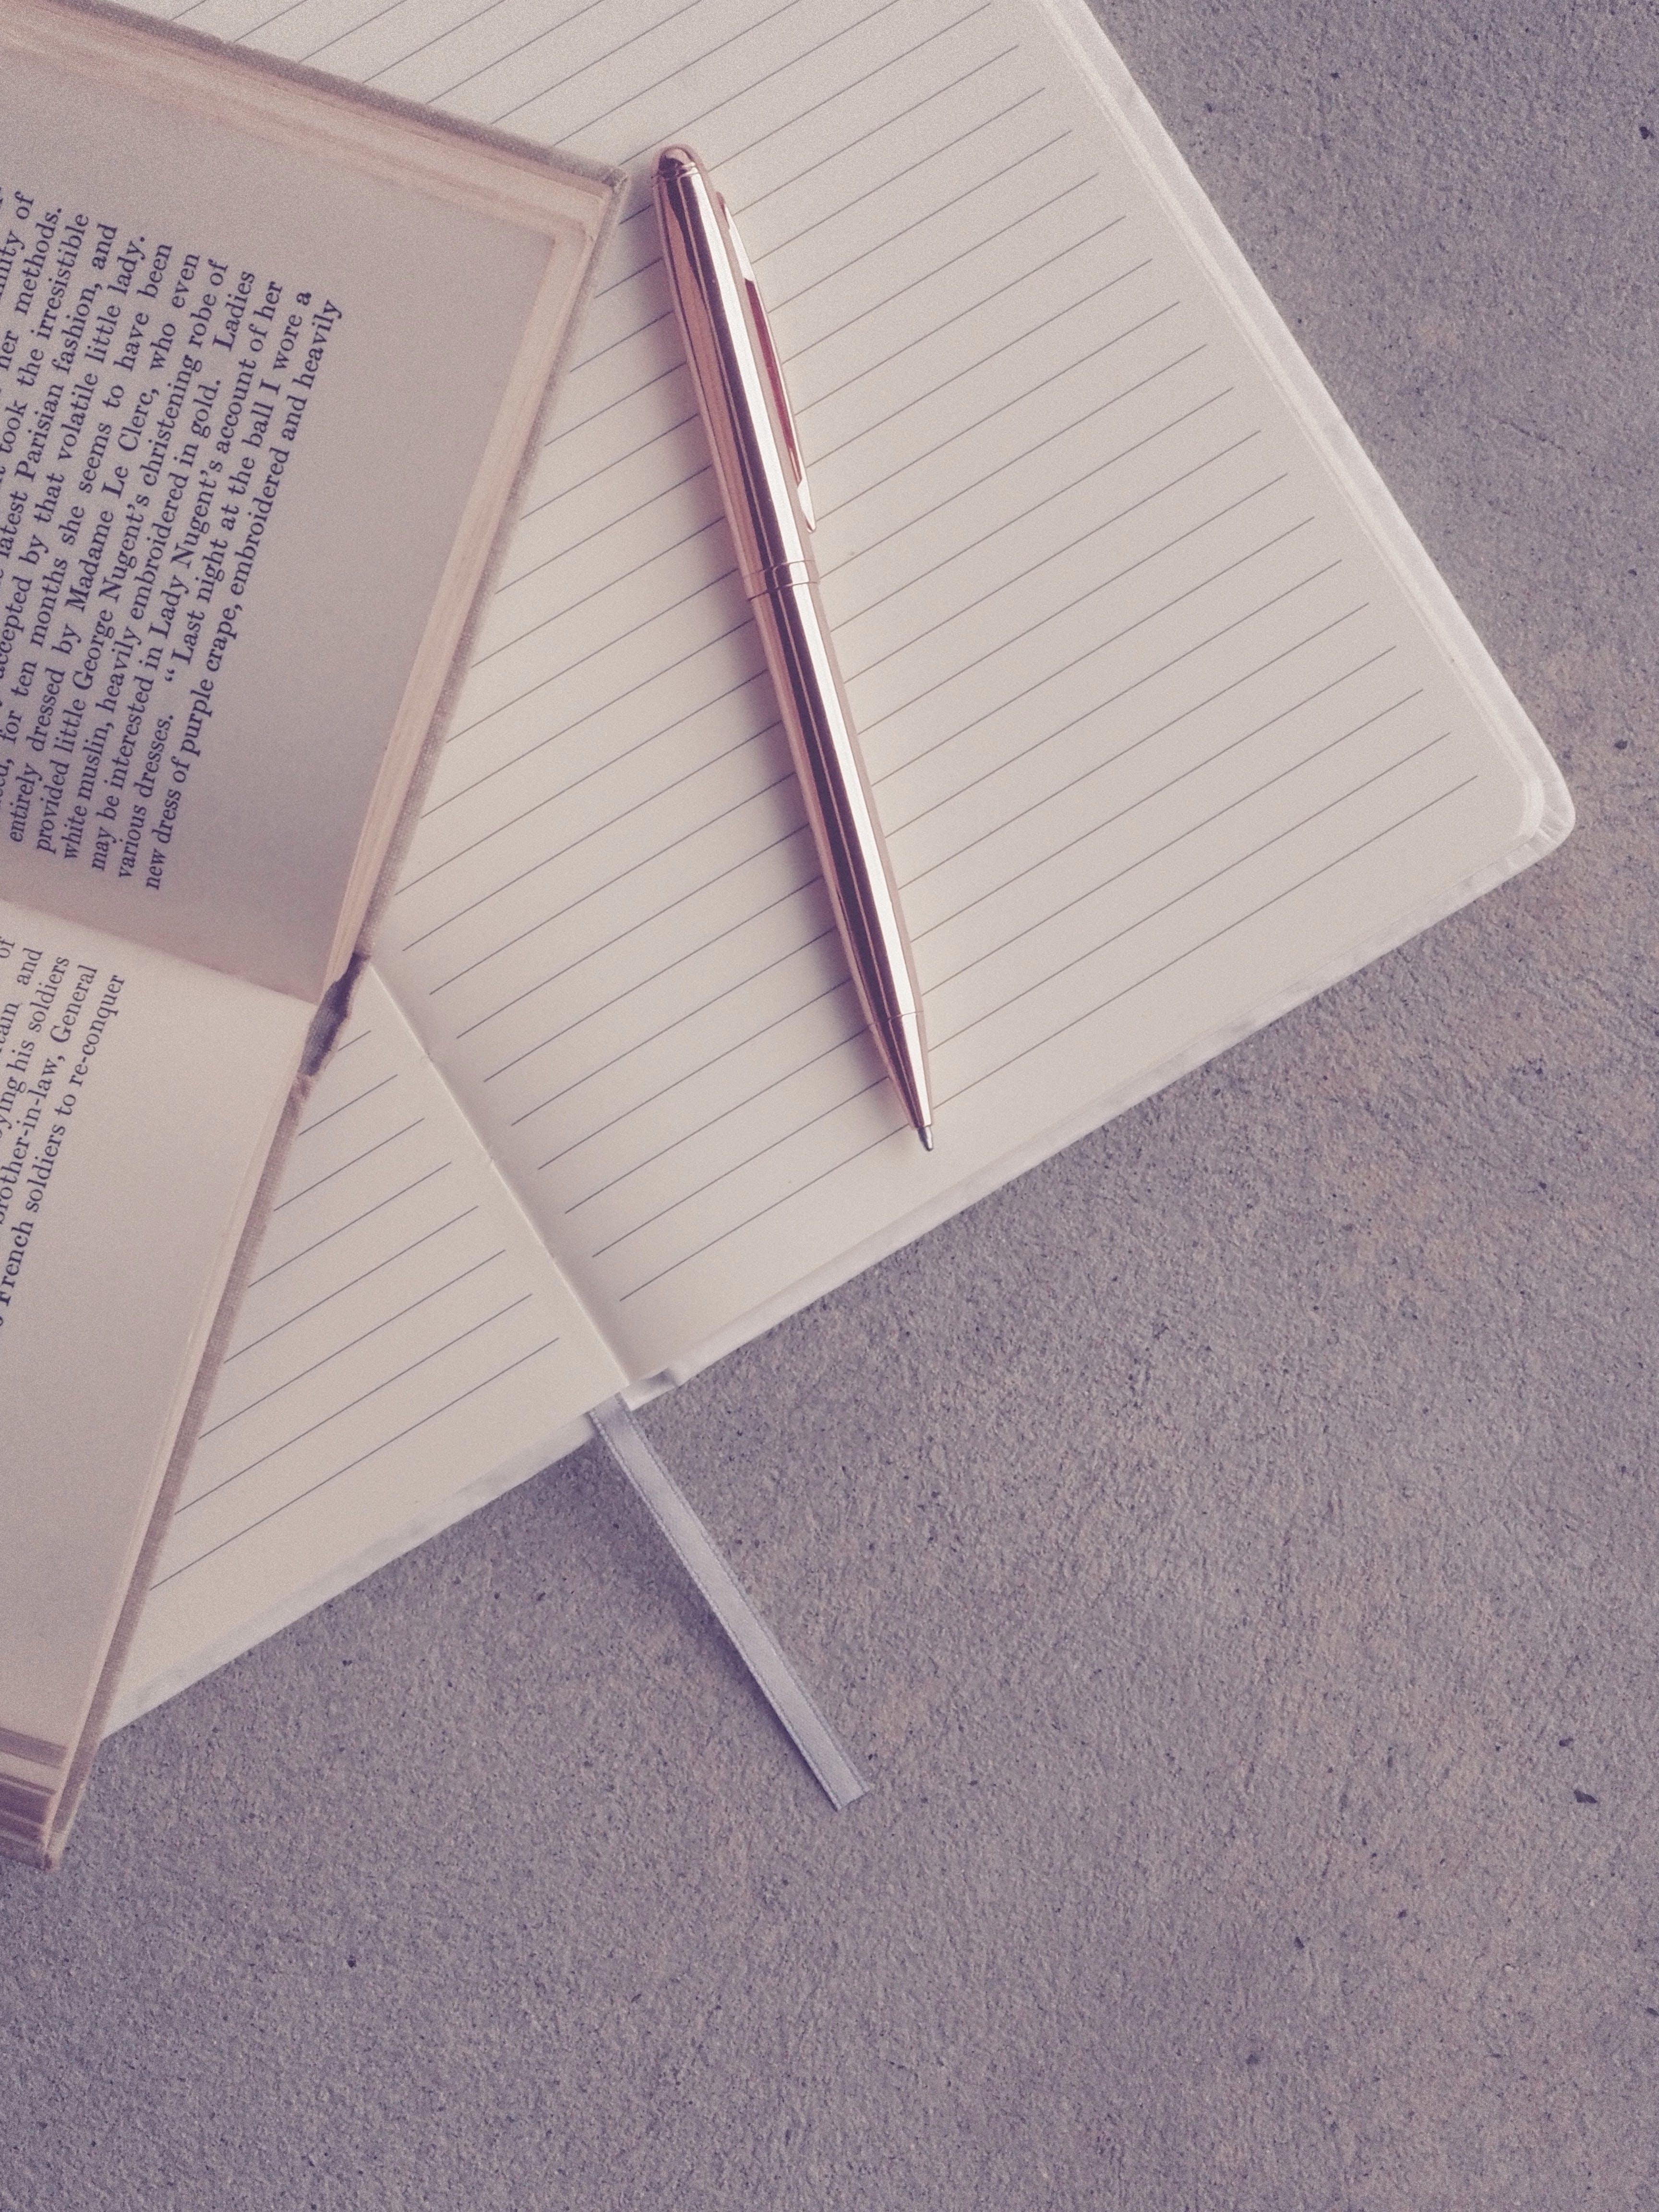 Immagine gratuita di flat lay, modello, notebook, pagine